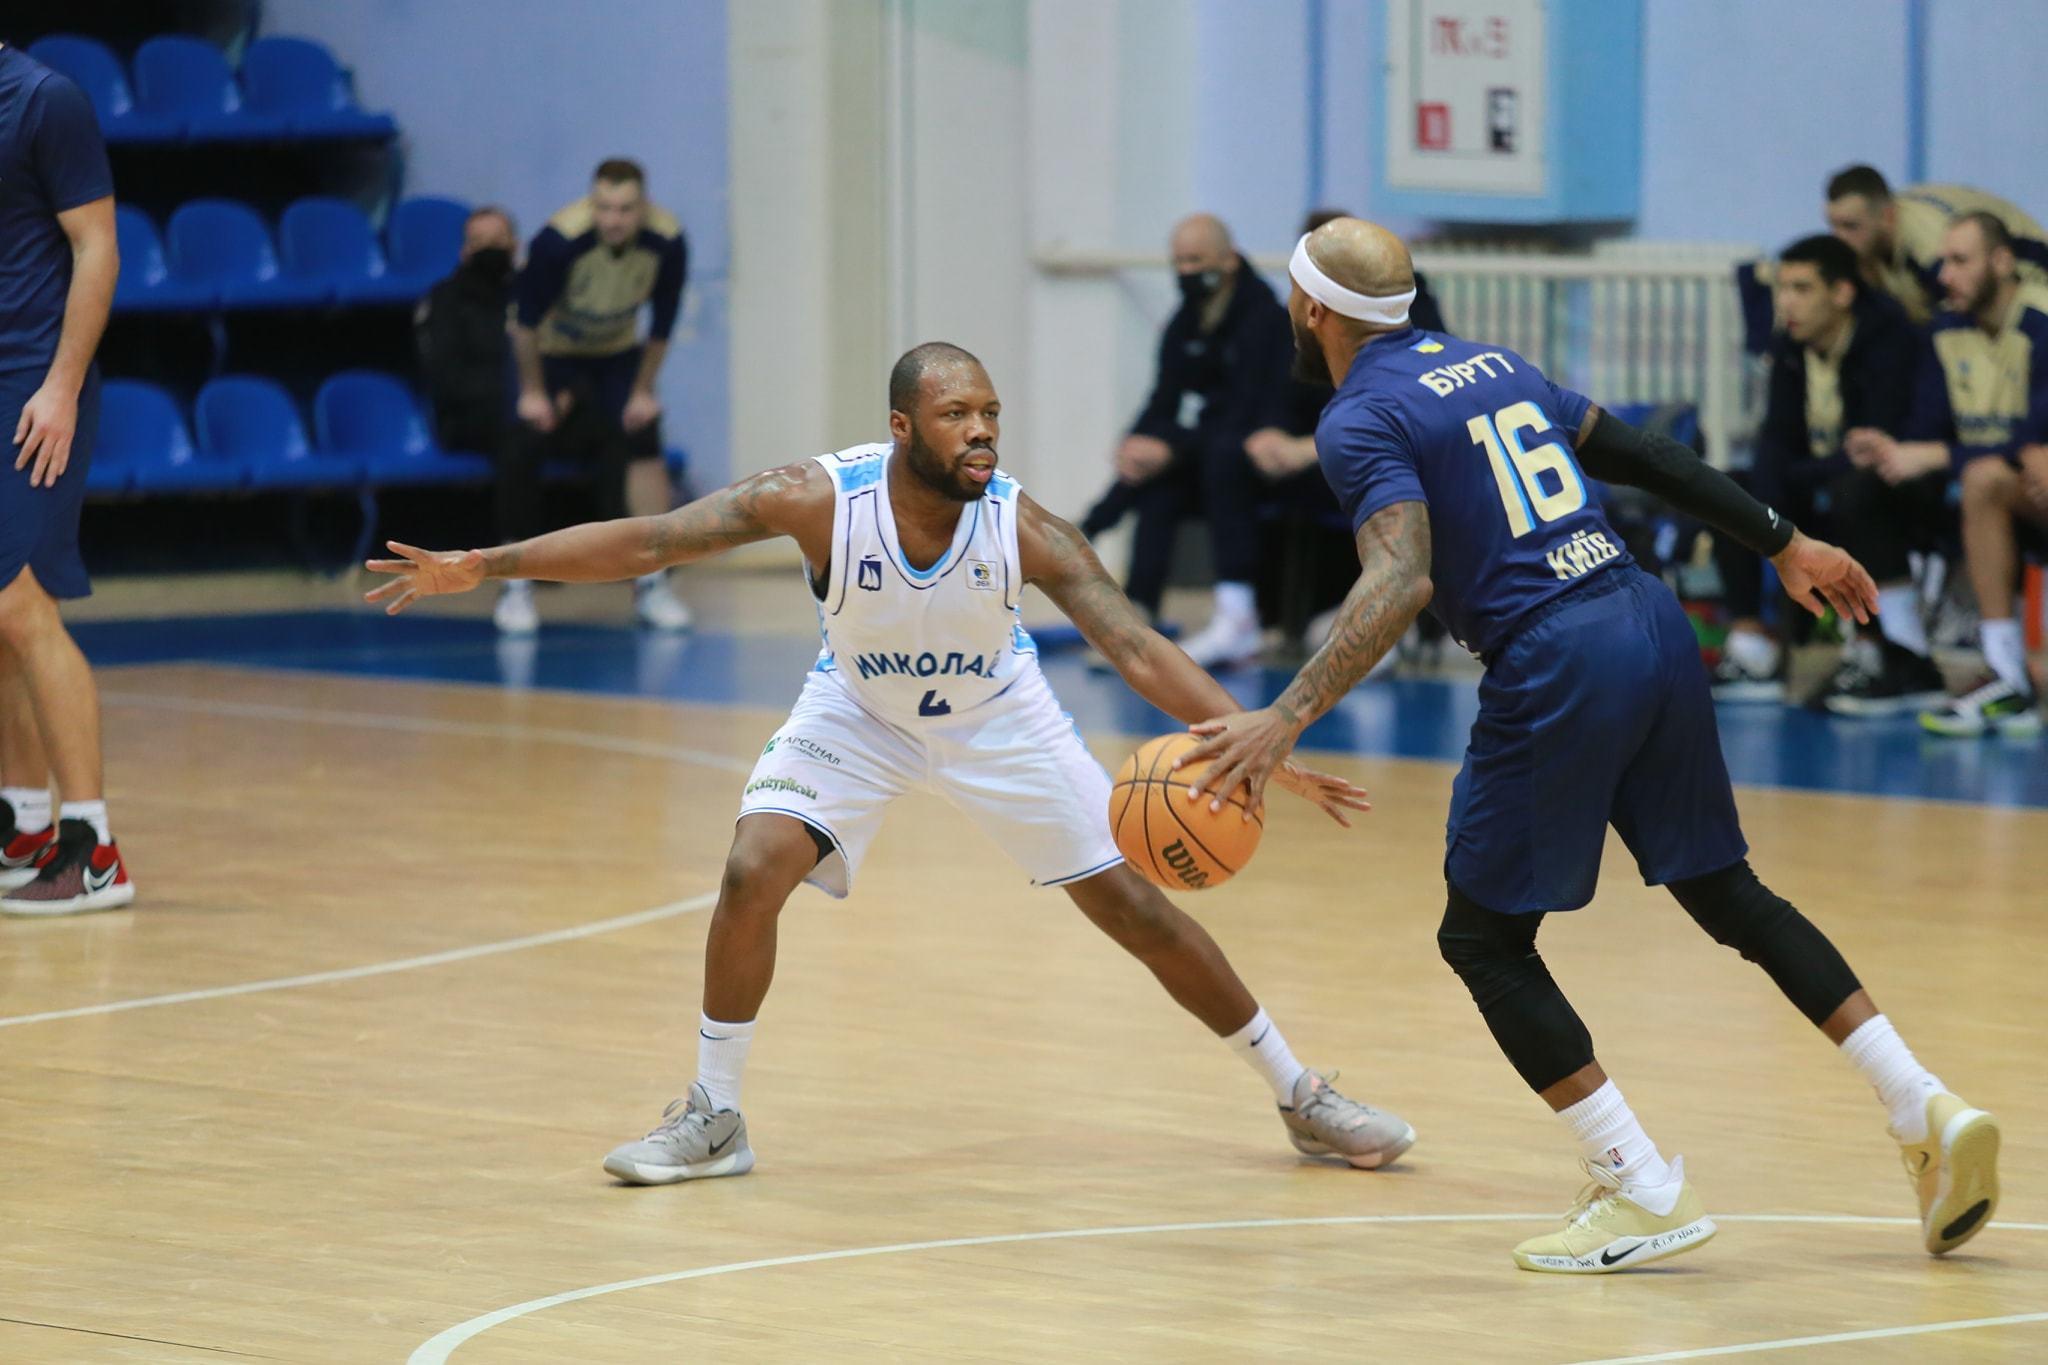 Будівельник зрівняв рахунок у сезонній серії з Миколаєвом: топ-моменти гри